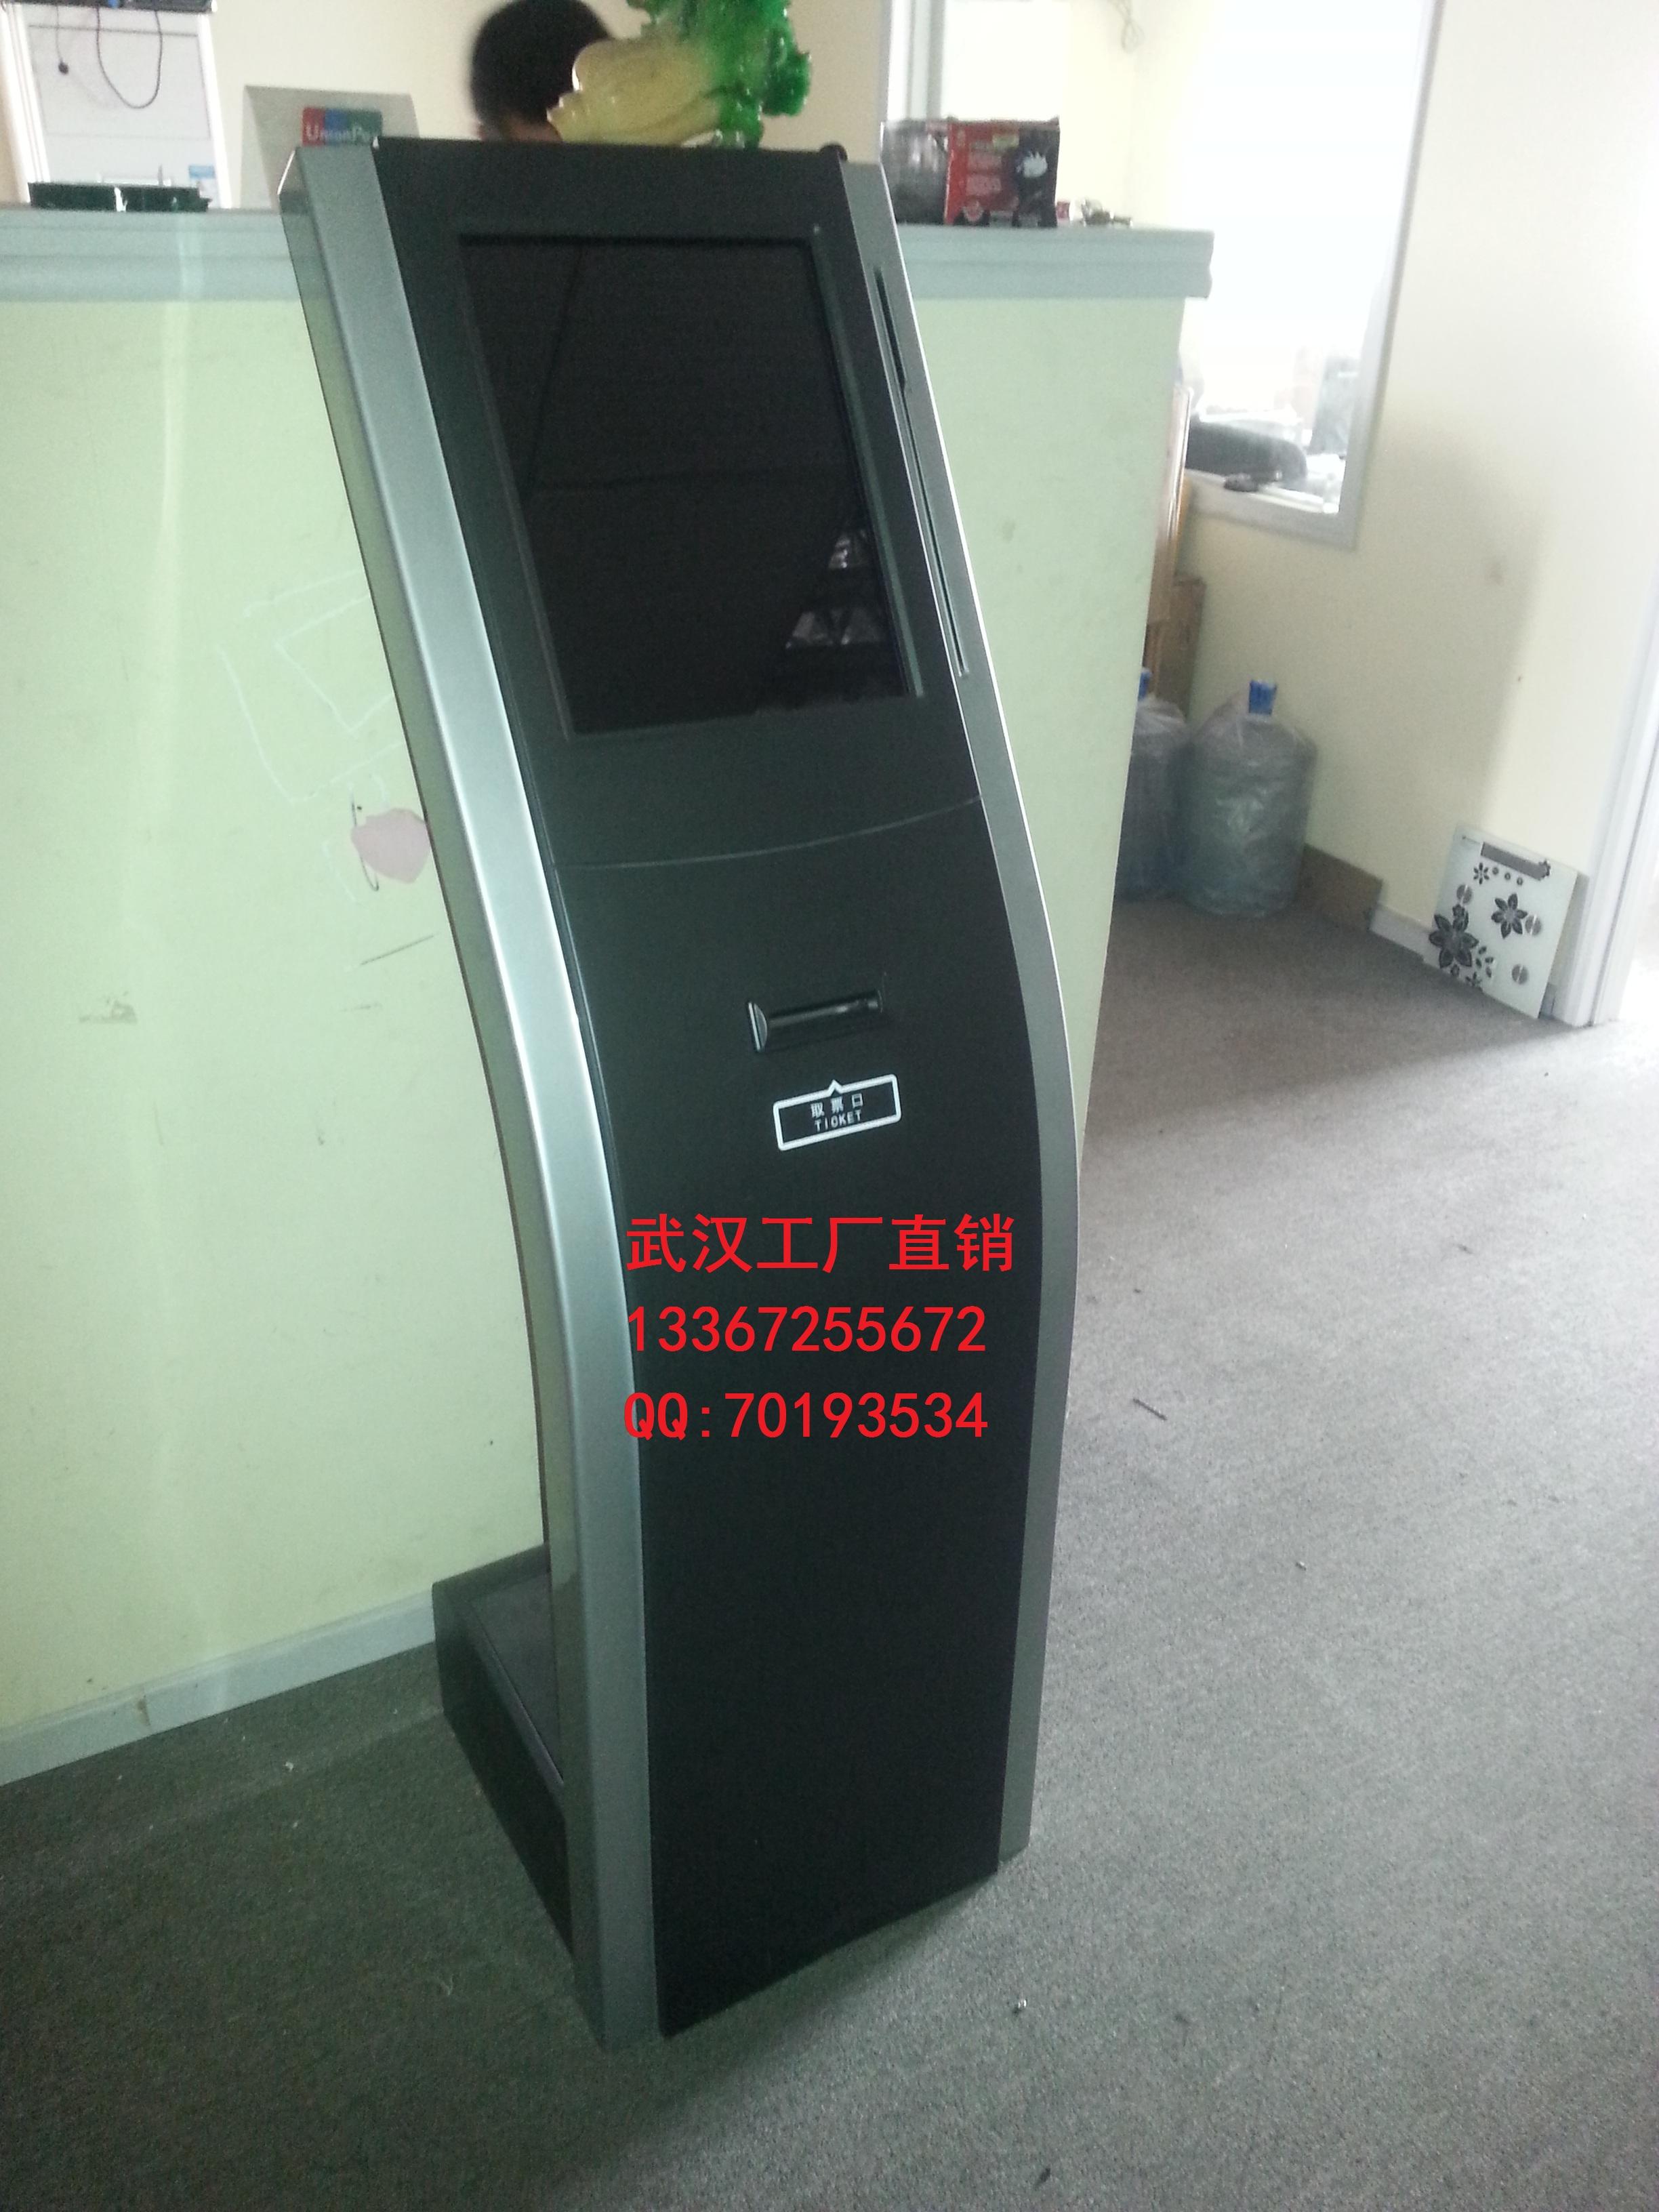 无线排队叫号机\立式触摸屏排队机\无线叫号器